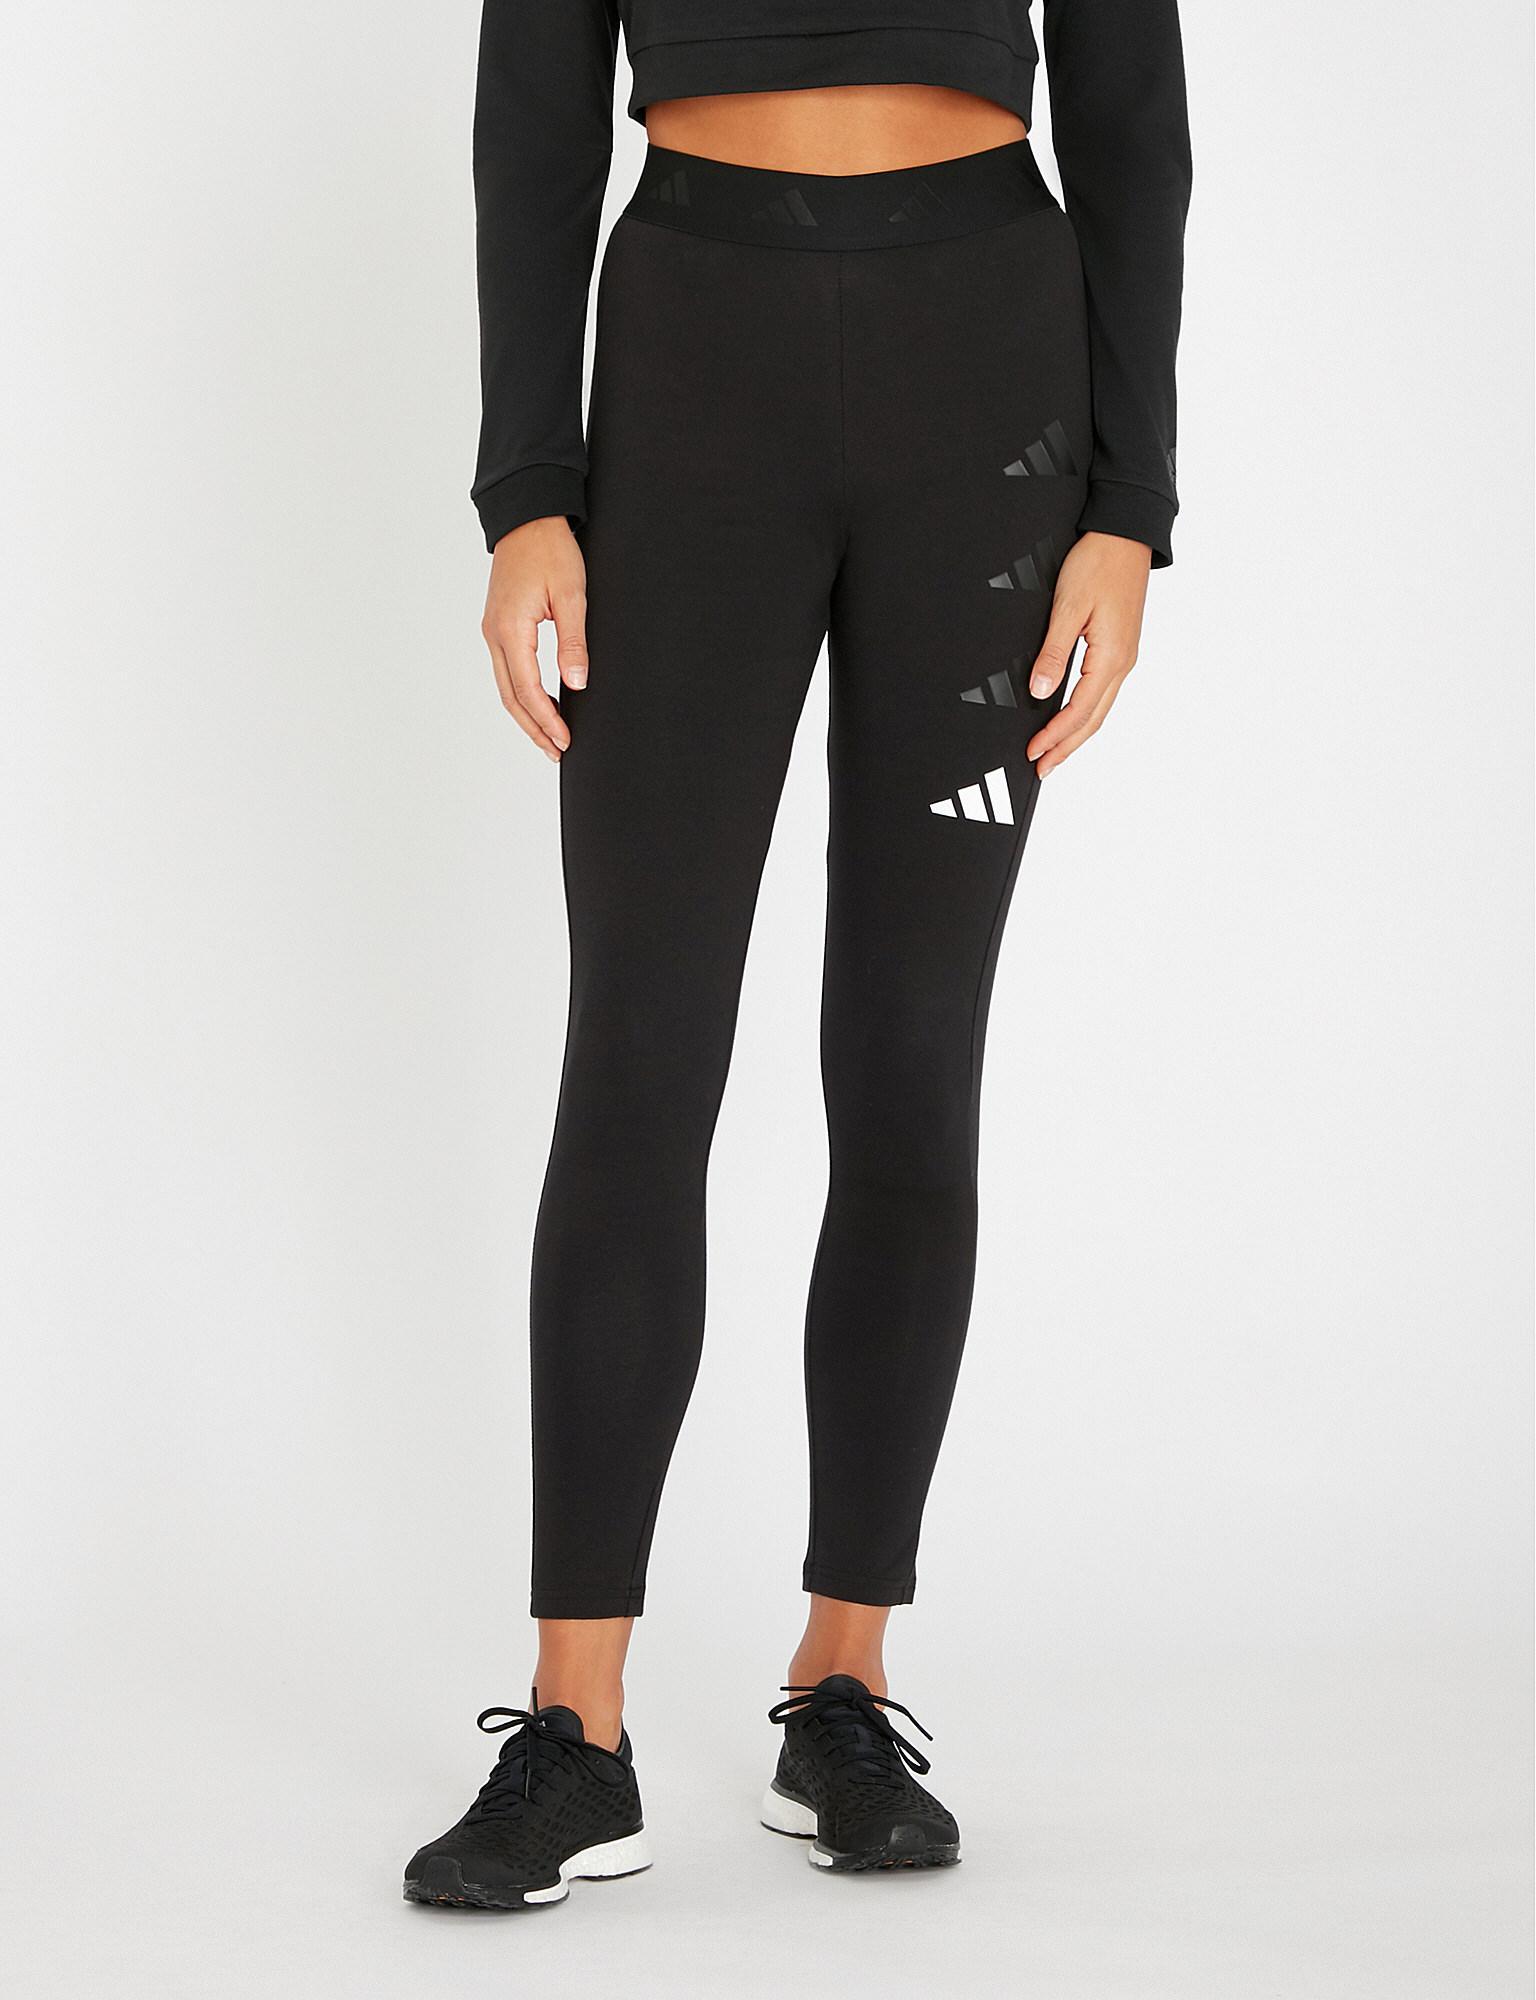 c811673e880 Lyst - adidas Originals The Pack Stretch-cotton leggings in Black